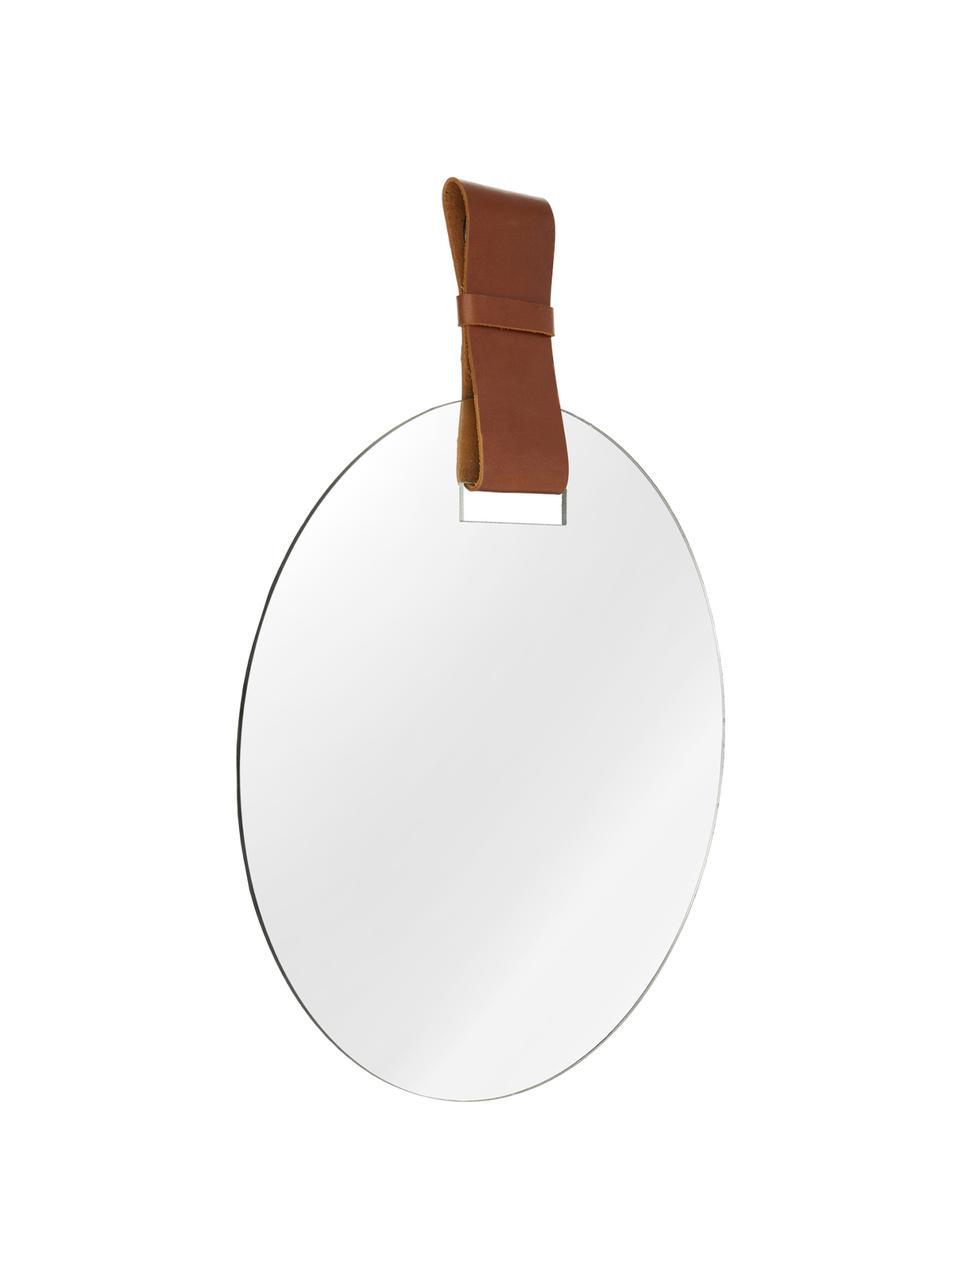 Runder Wandspiegel Miles mit Aufhängeand aus Leder, Spiegelfläche: Spiegelglas, Rückseite: Mitteldichte Holzfaserpla, Spiegelglas, Cognac, Ø 40 cm